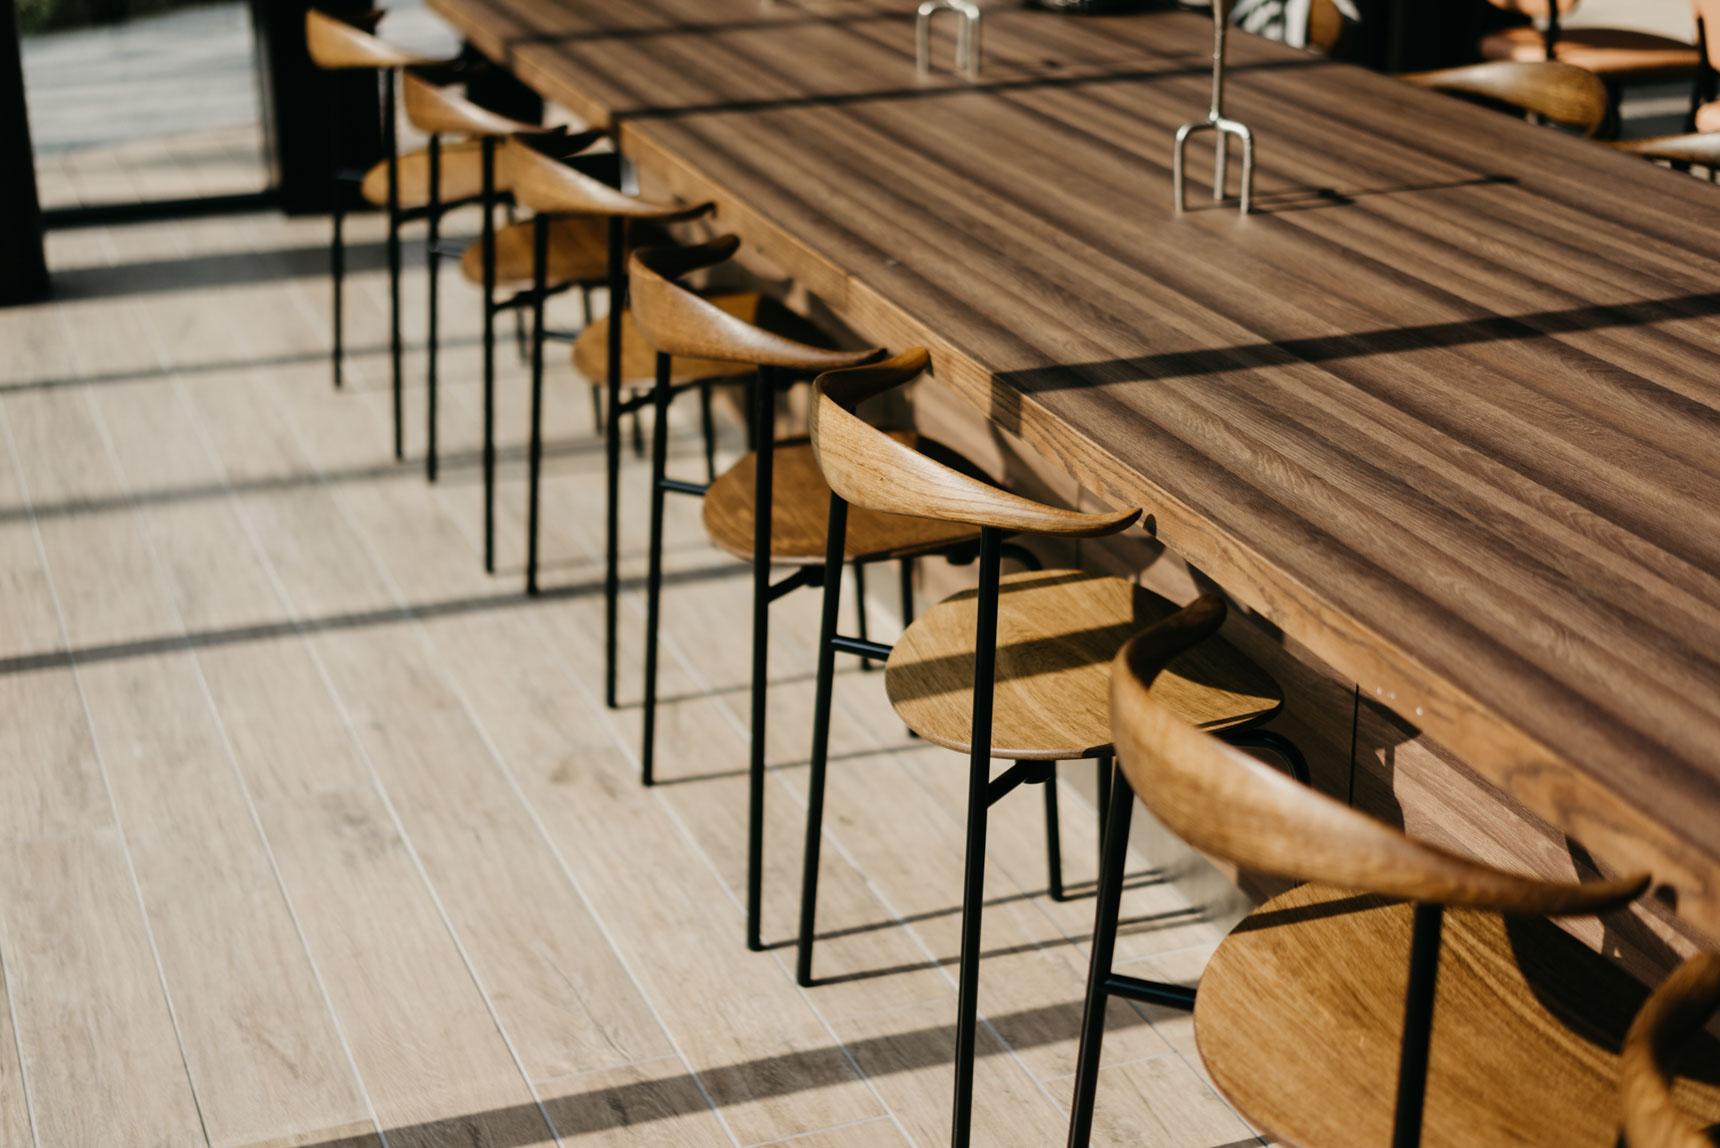 様々なタイプの席があり、食事以外にも、読書やお仕事で利用されている方もたくさんいます。